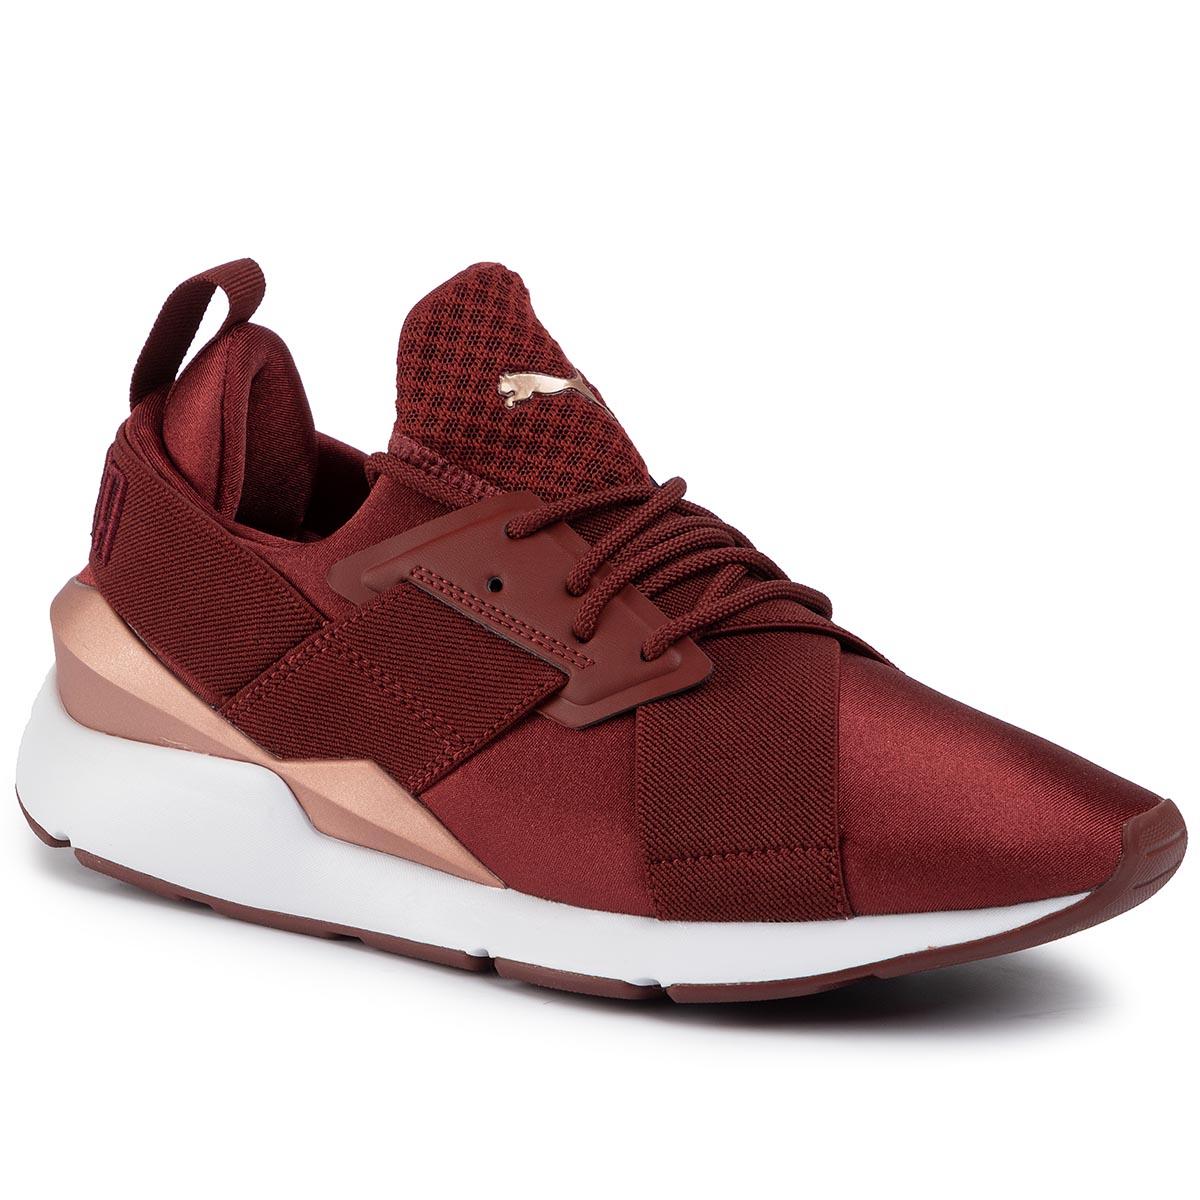 Sneakers PUMA Muse Satin Ep Wn's 365534 12 Peach BudPeach